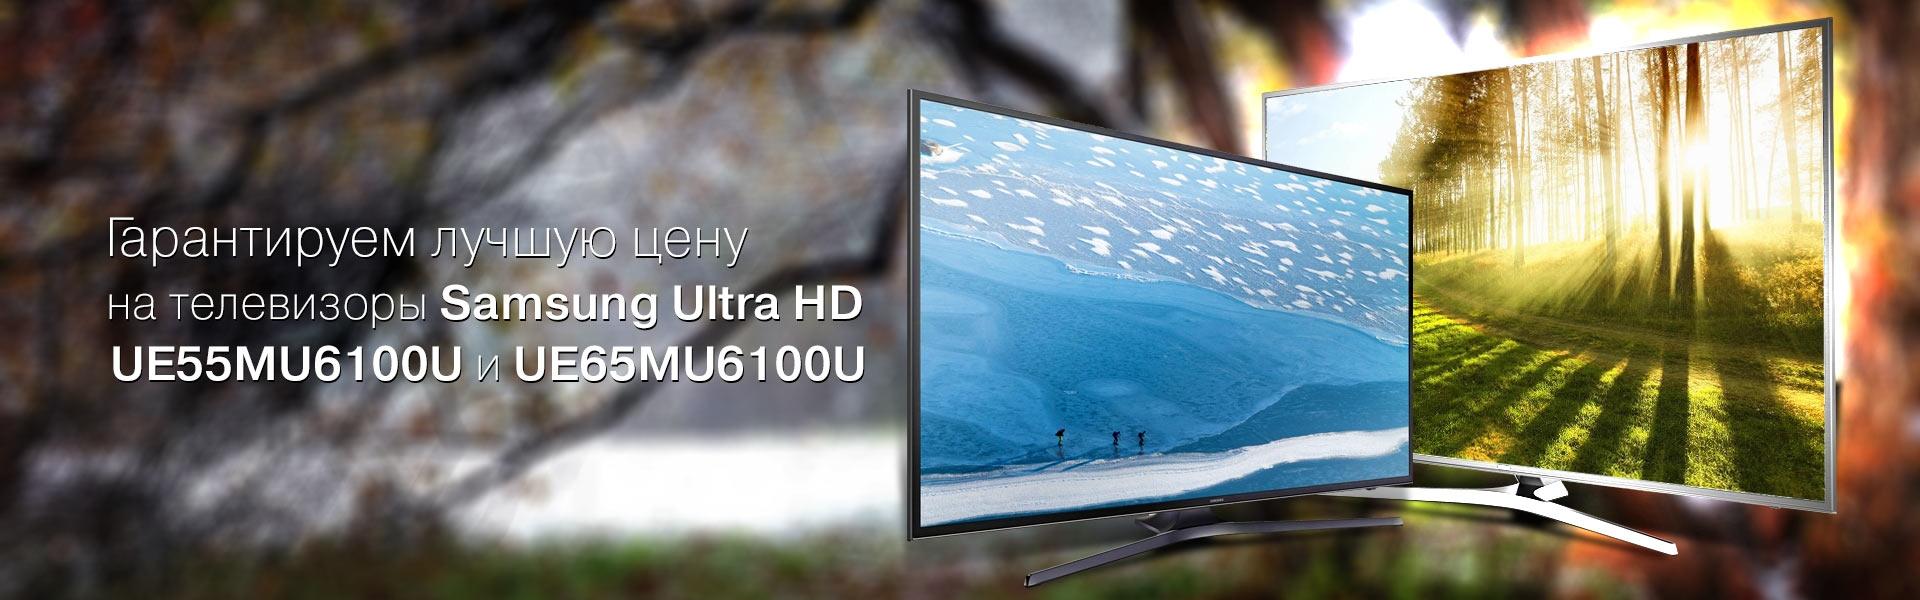 Телевизоры Samsung Ultra HD в СПб